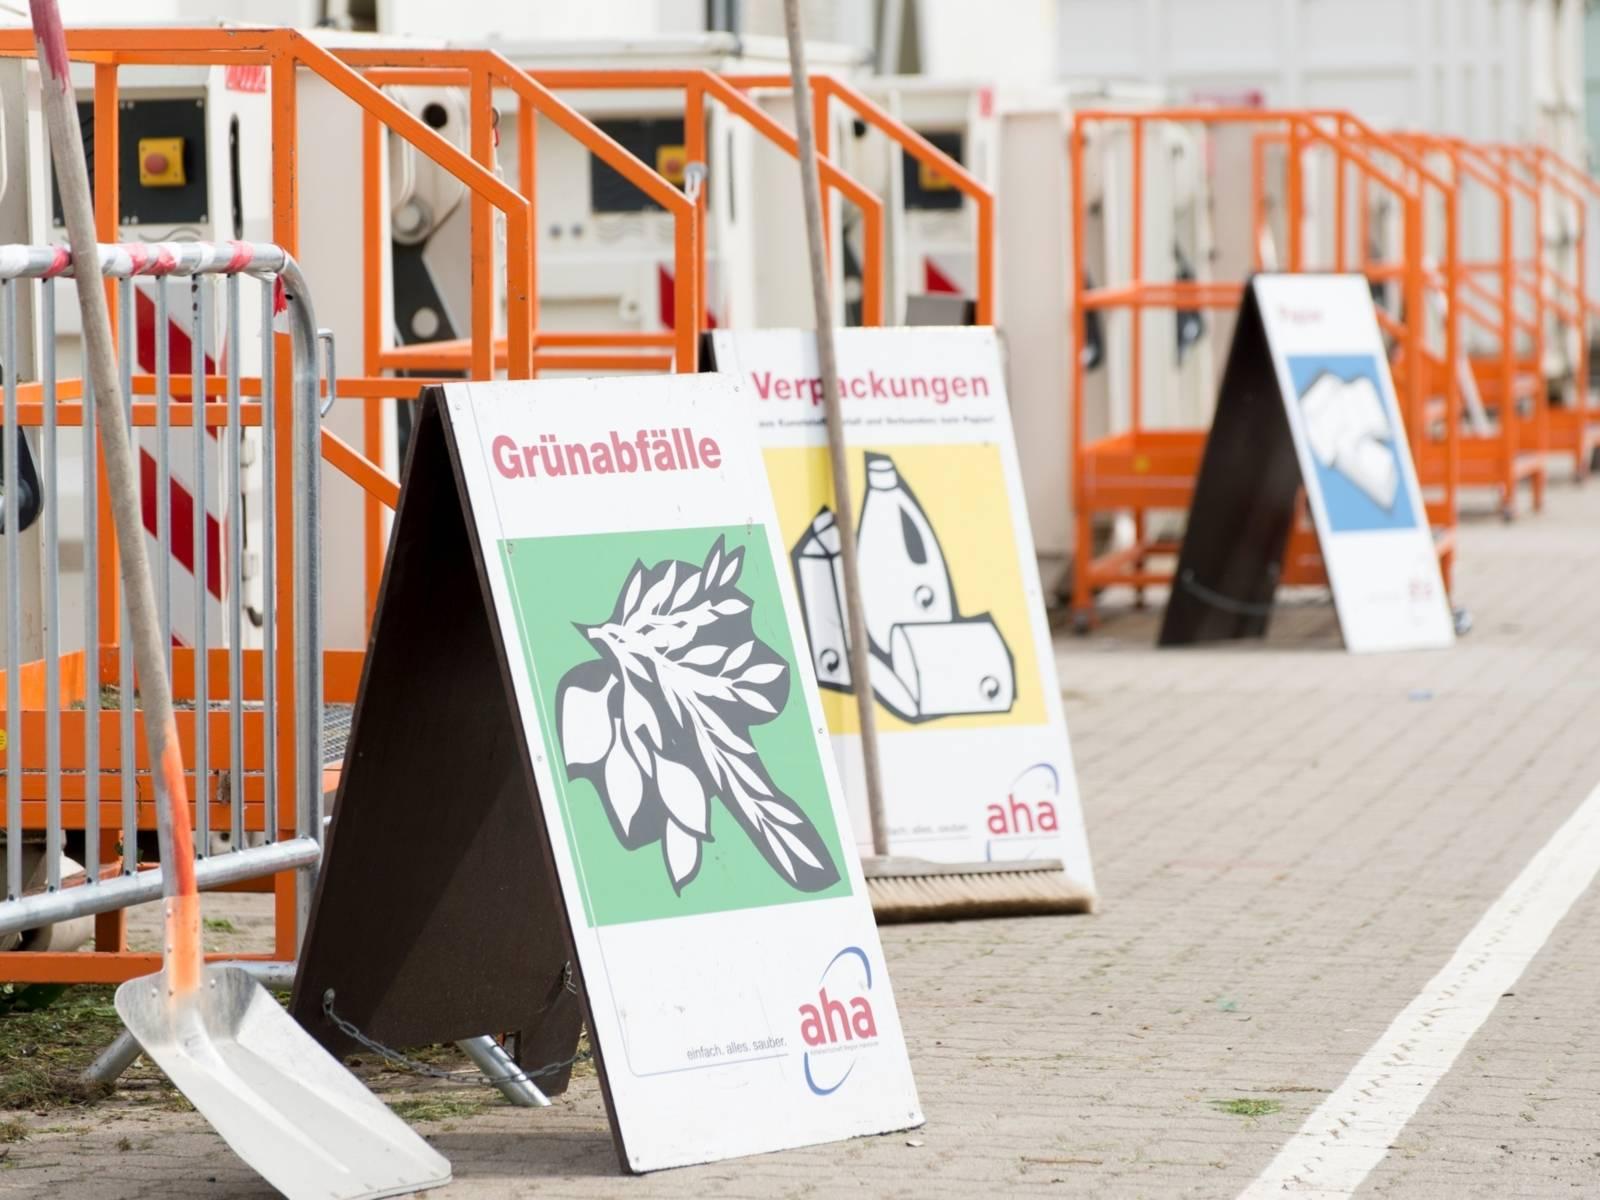 Schilder auf einem Wertstoffhof